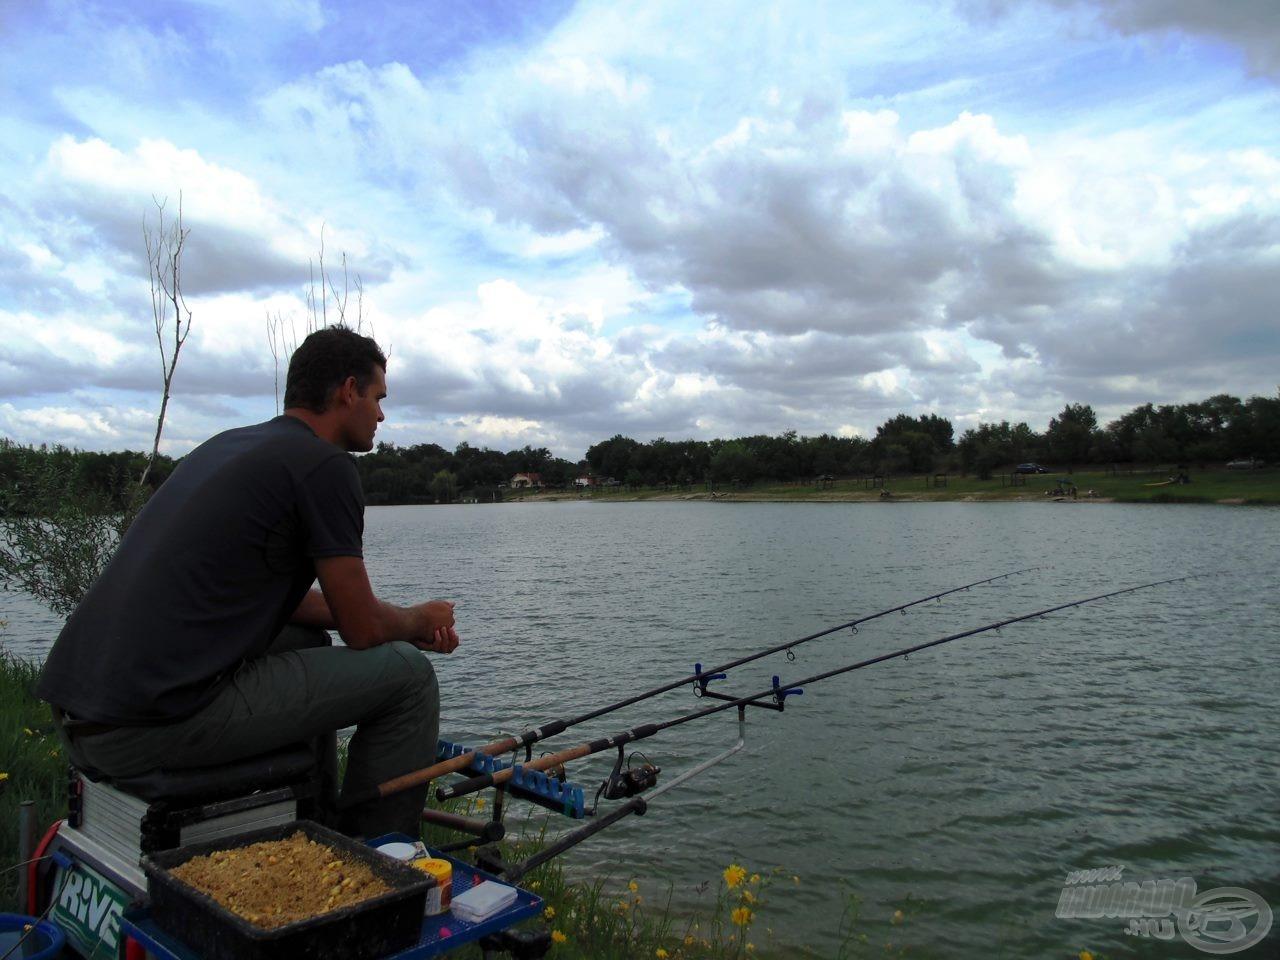 Ücsörgésre csak a horgászat első félórájában volt alkalmam, utána felpörögtek az események